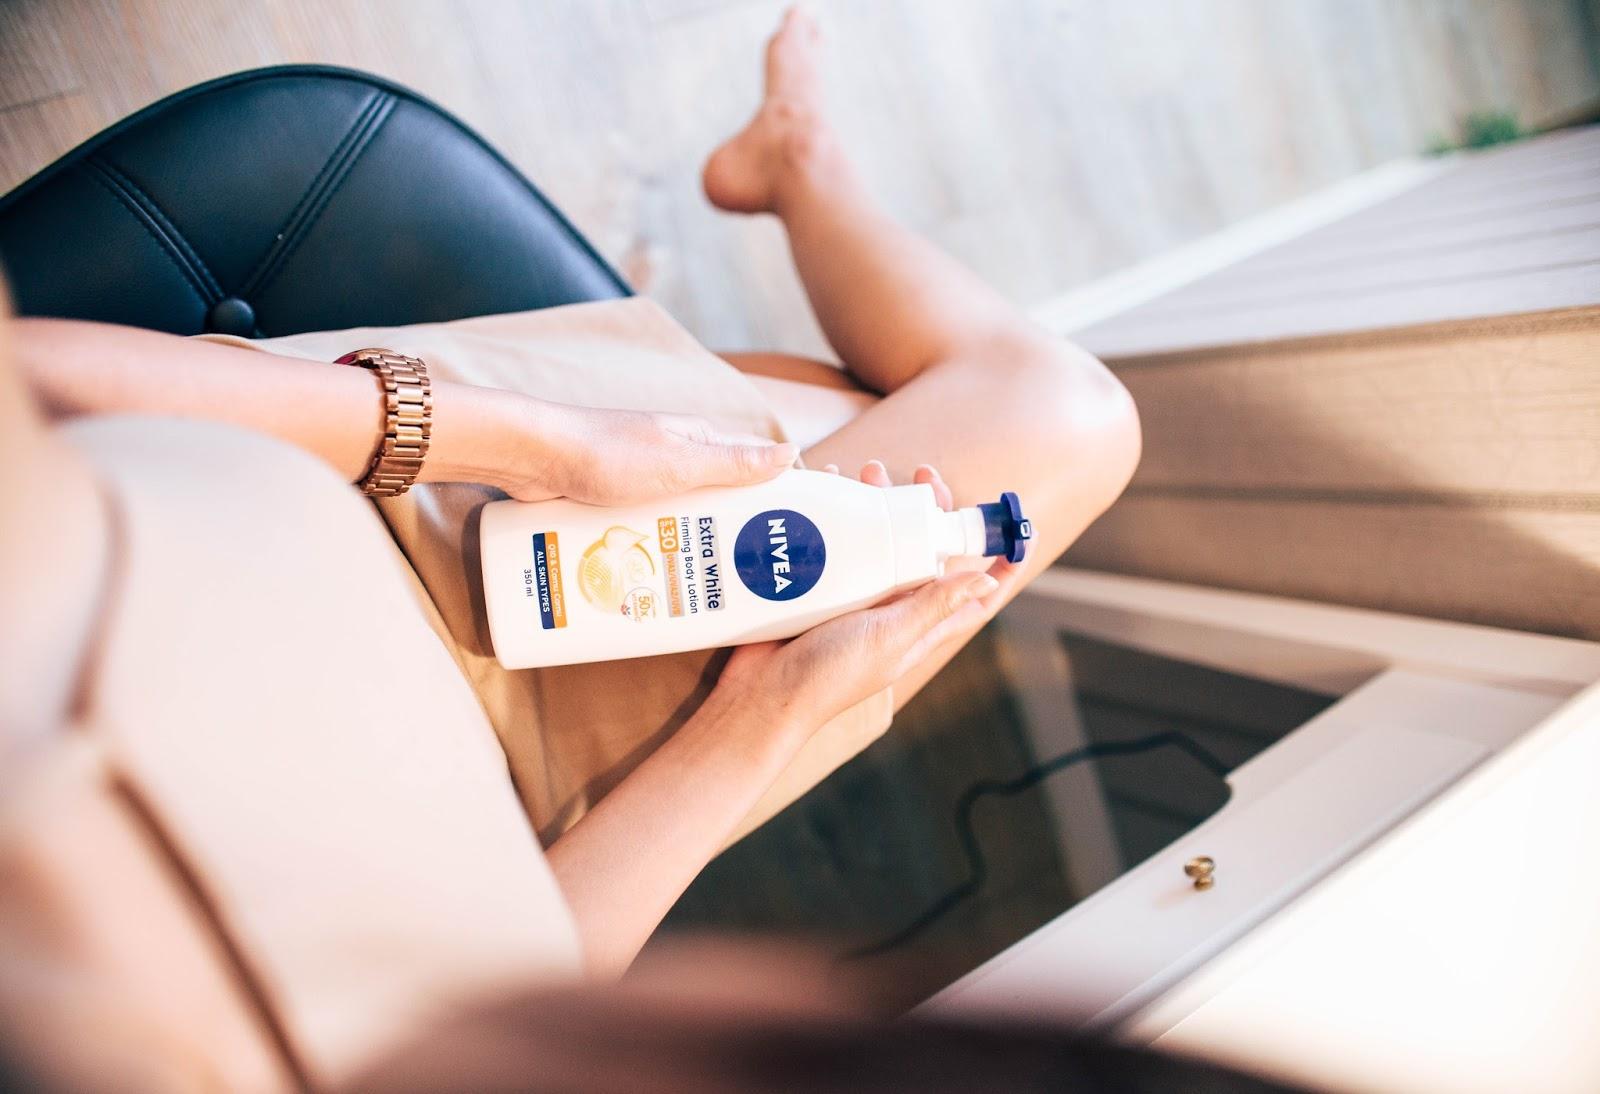 3 loại sữa dưỡng thể rất rẻ, bán đầy ở siêu thị giúp bạn phục hồi da sau những chuyến du lịch dài - Ảnh 3.